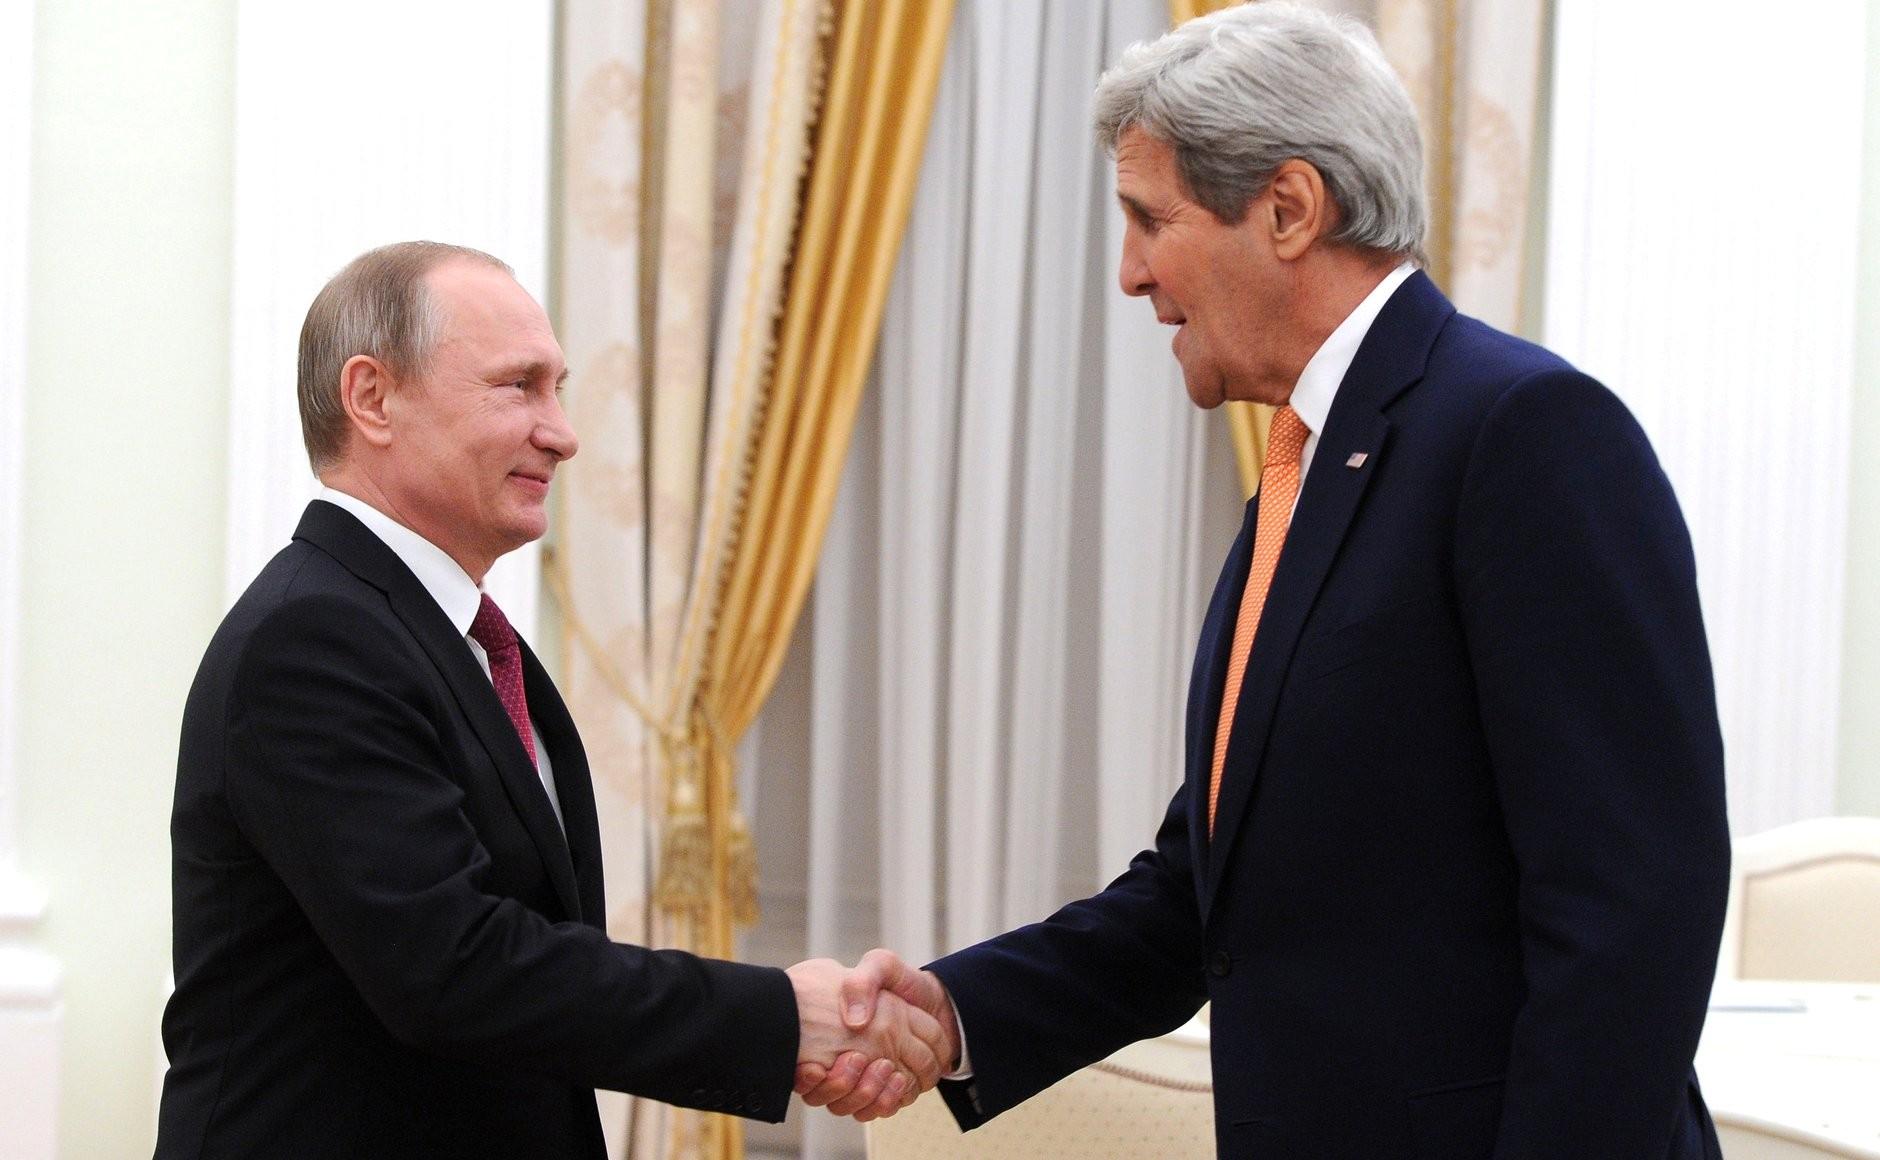 В Госдепе раскрыли содержание разговора Путина и Керри по вопросам климата